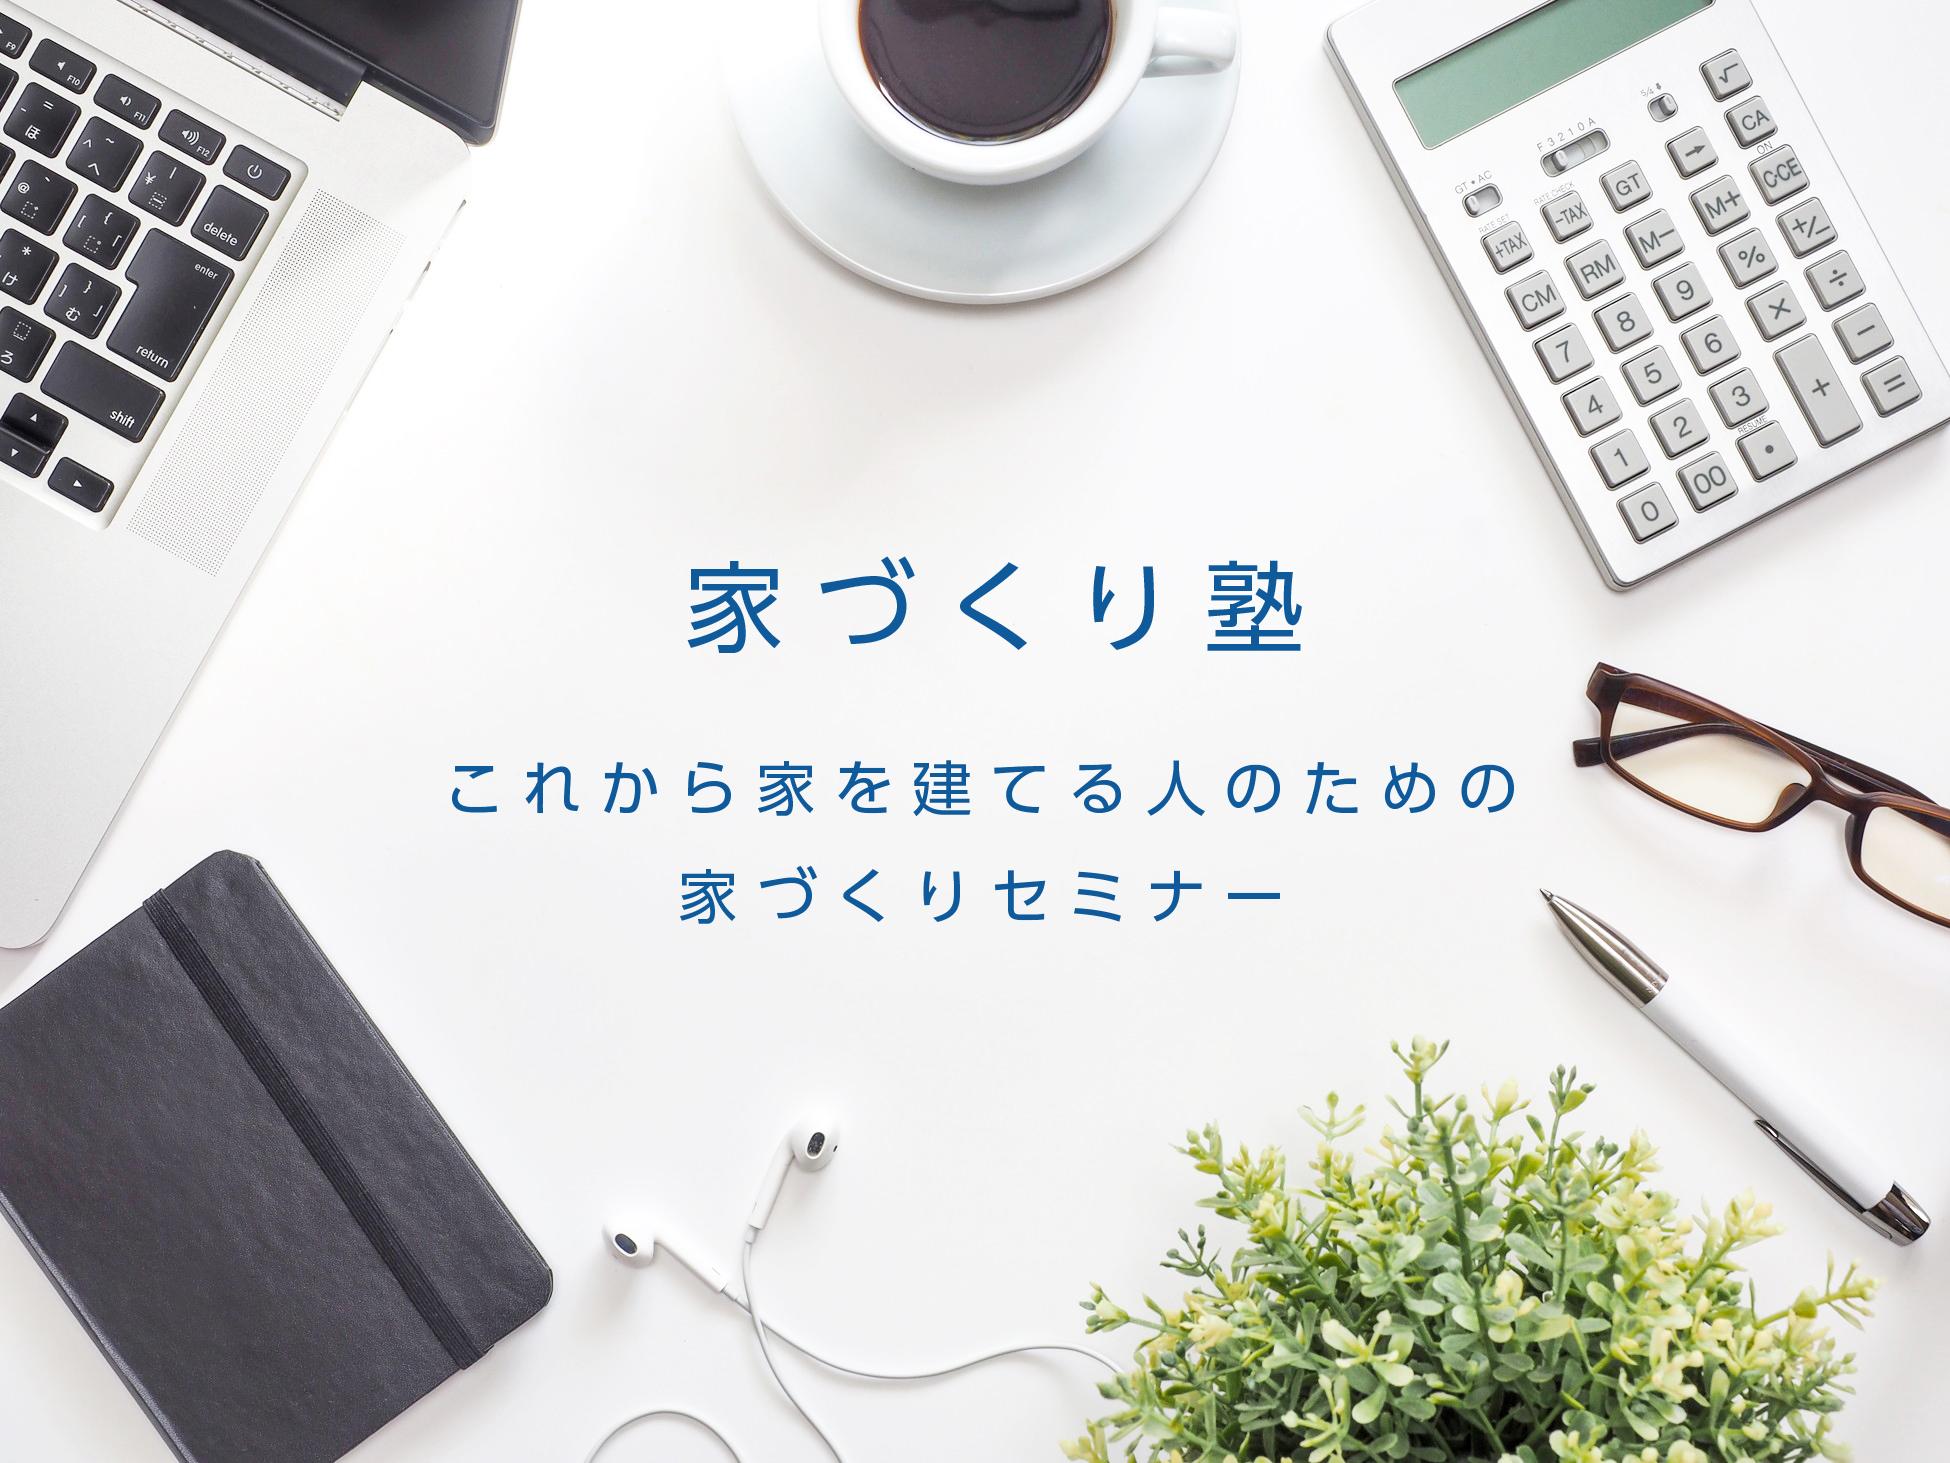 【家づくり塾】in 能登川